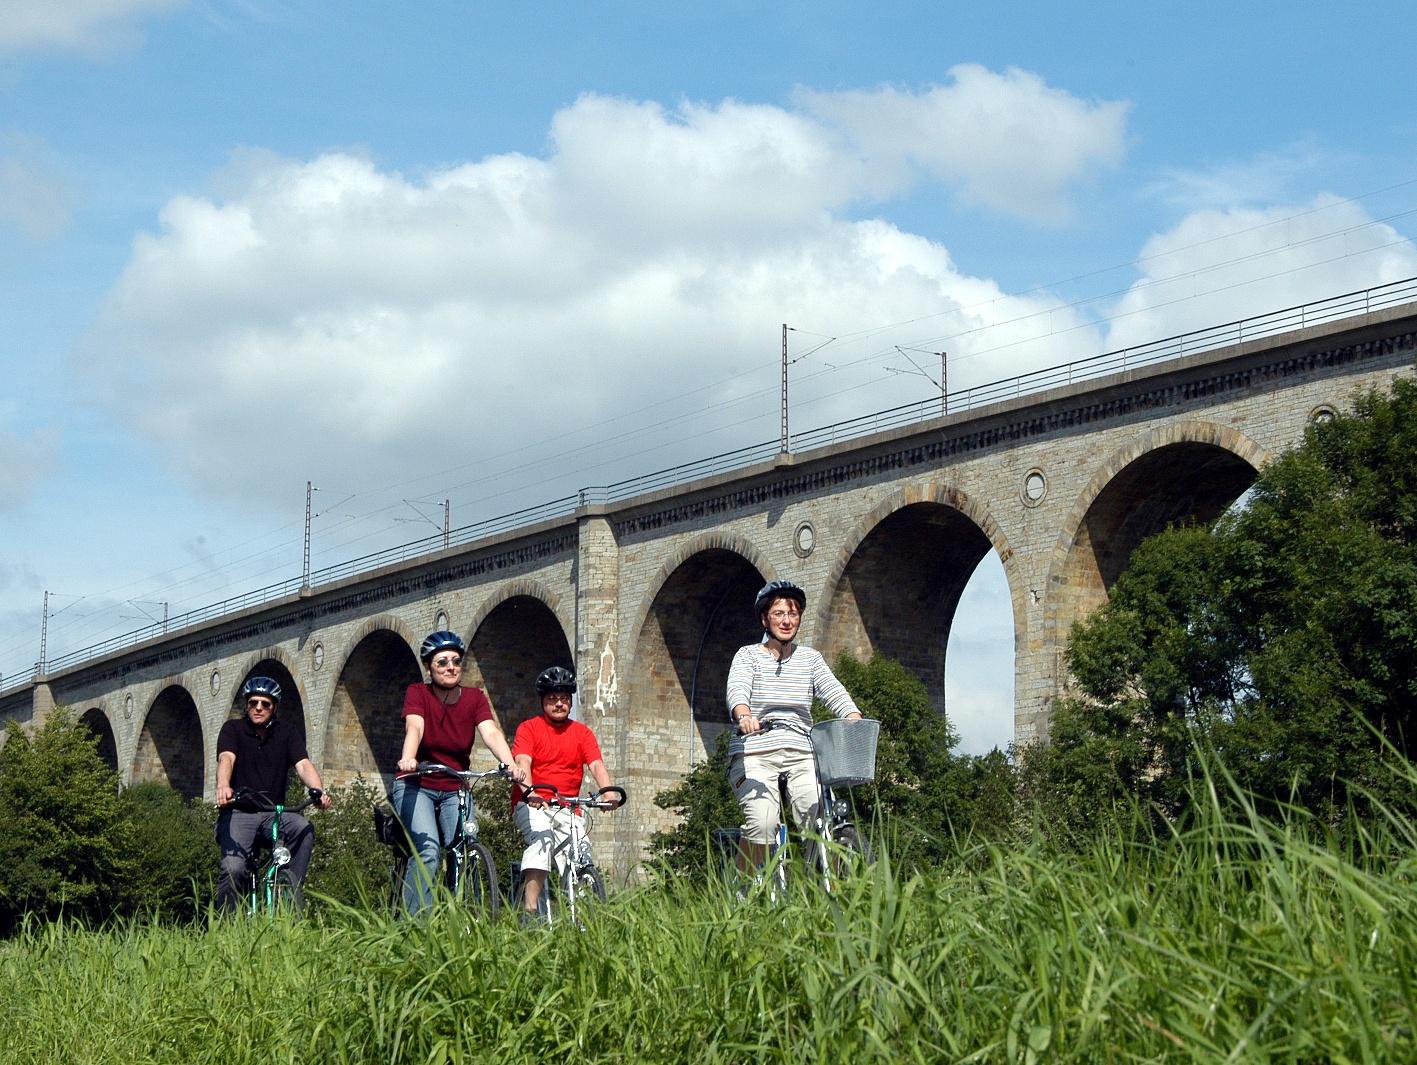 Radfahrer am Großen Viadukt in Altenbeken